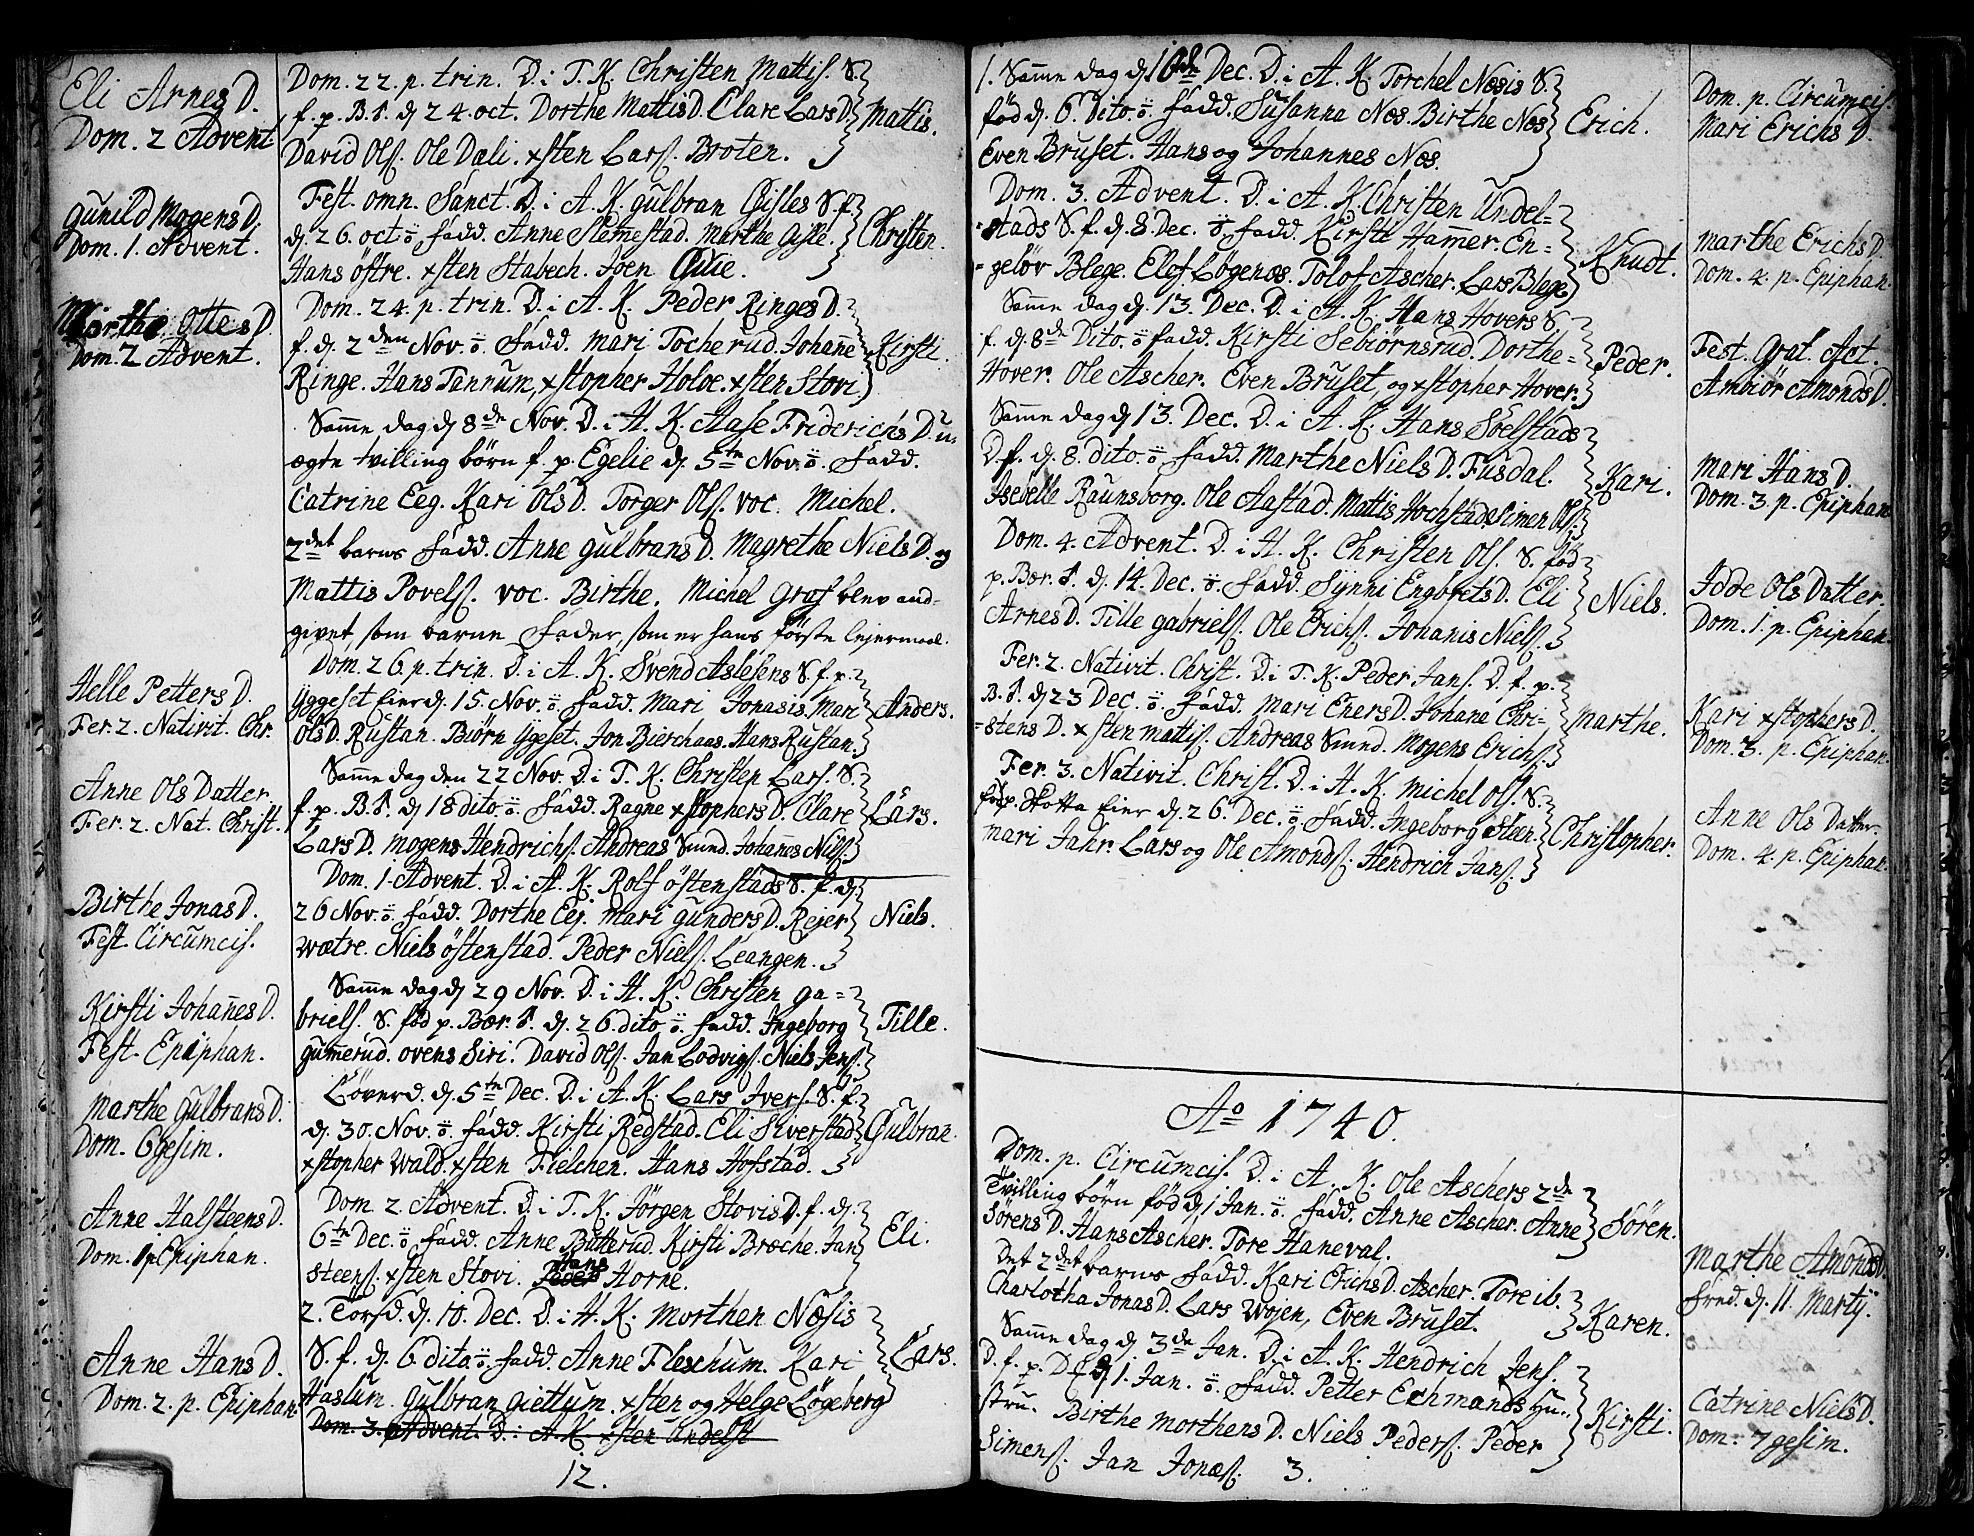 SAO, Asker prestekontor Kirkebøker, F/Fa/L0001: Ministerialbok nr. I 1, 1726-1744, s. 63